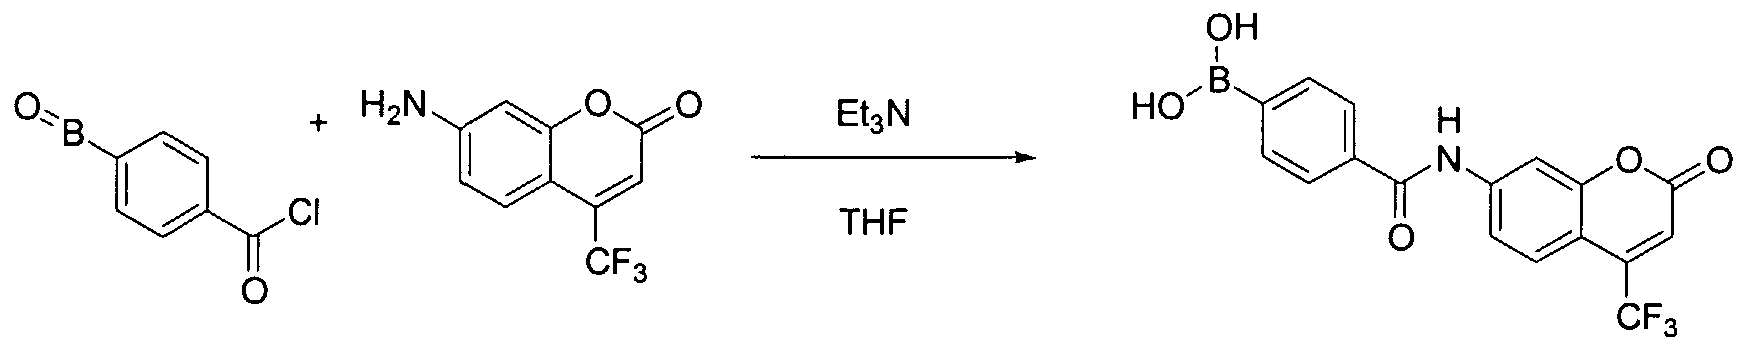 Figure imgf000081_0001